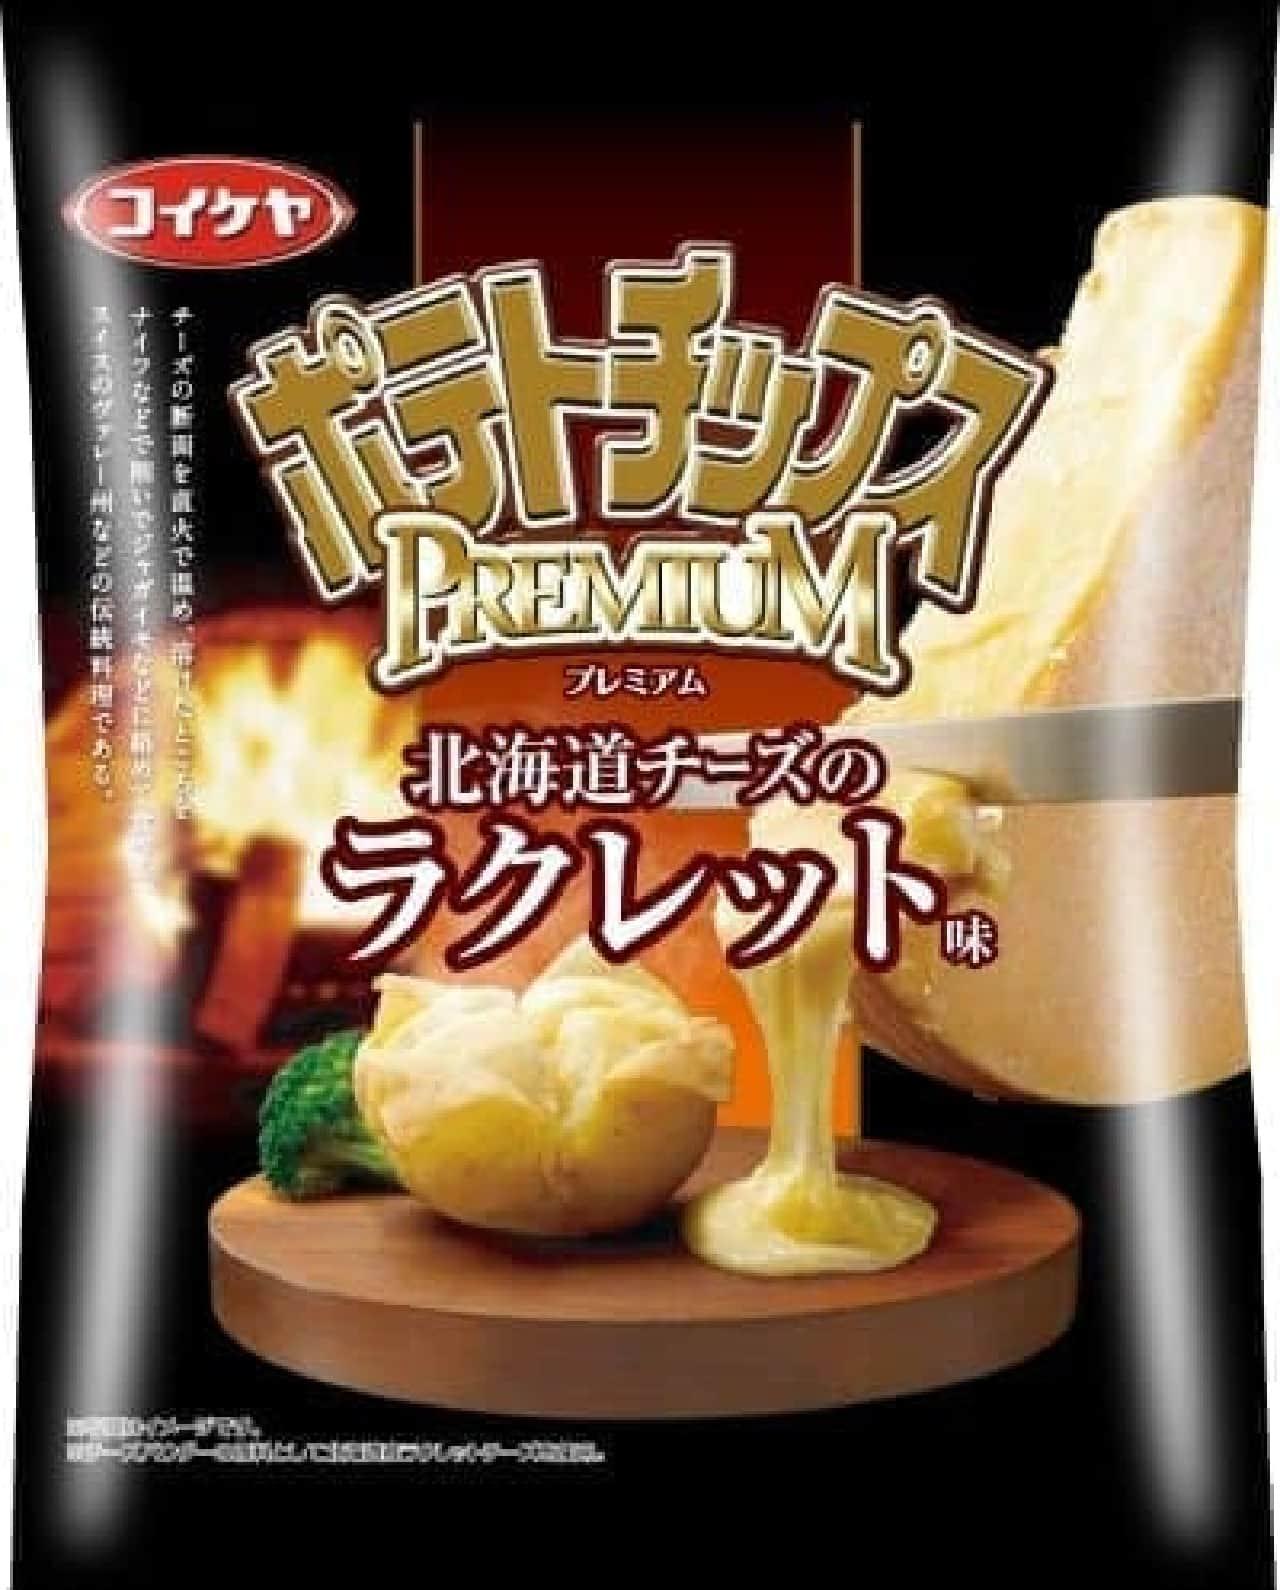 湖池屋「ポテトチップス プレミアム 北海道チーズのラクレット味」